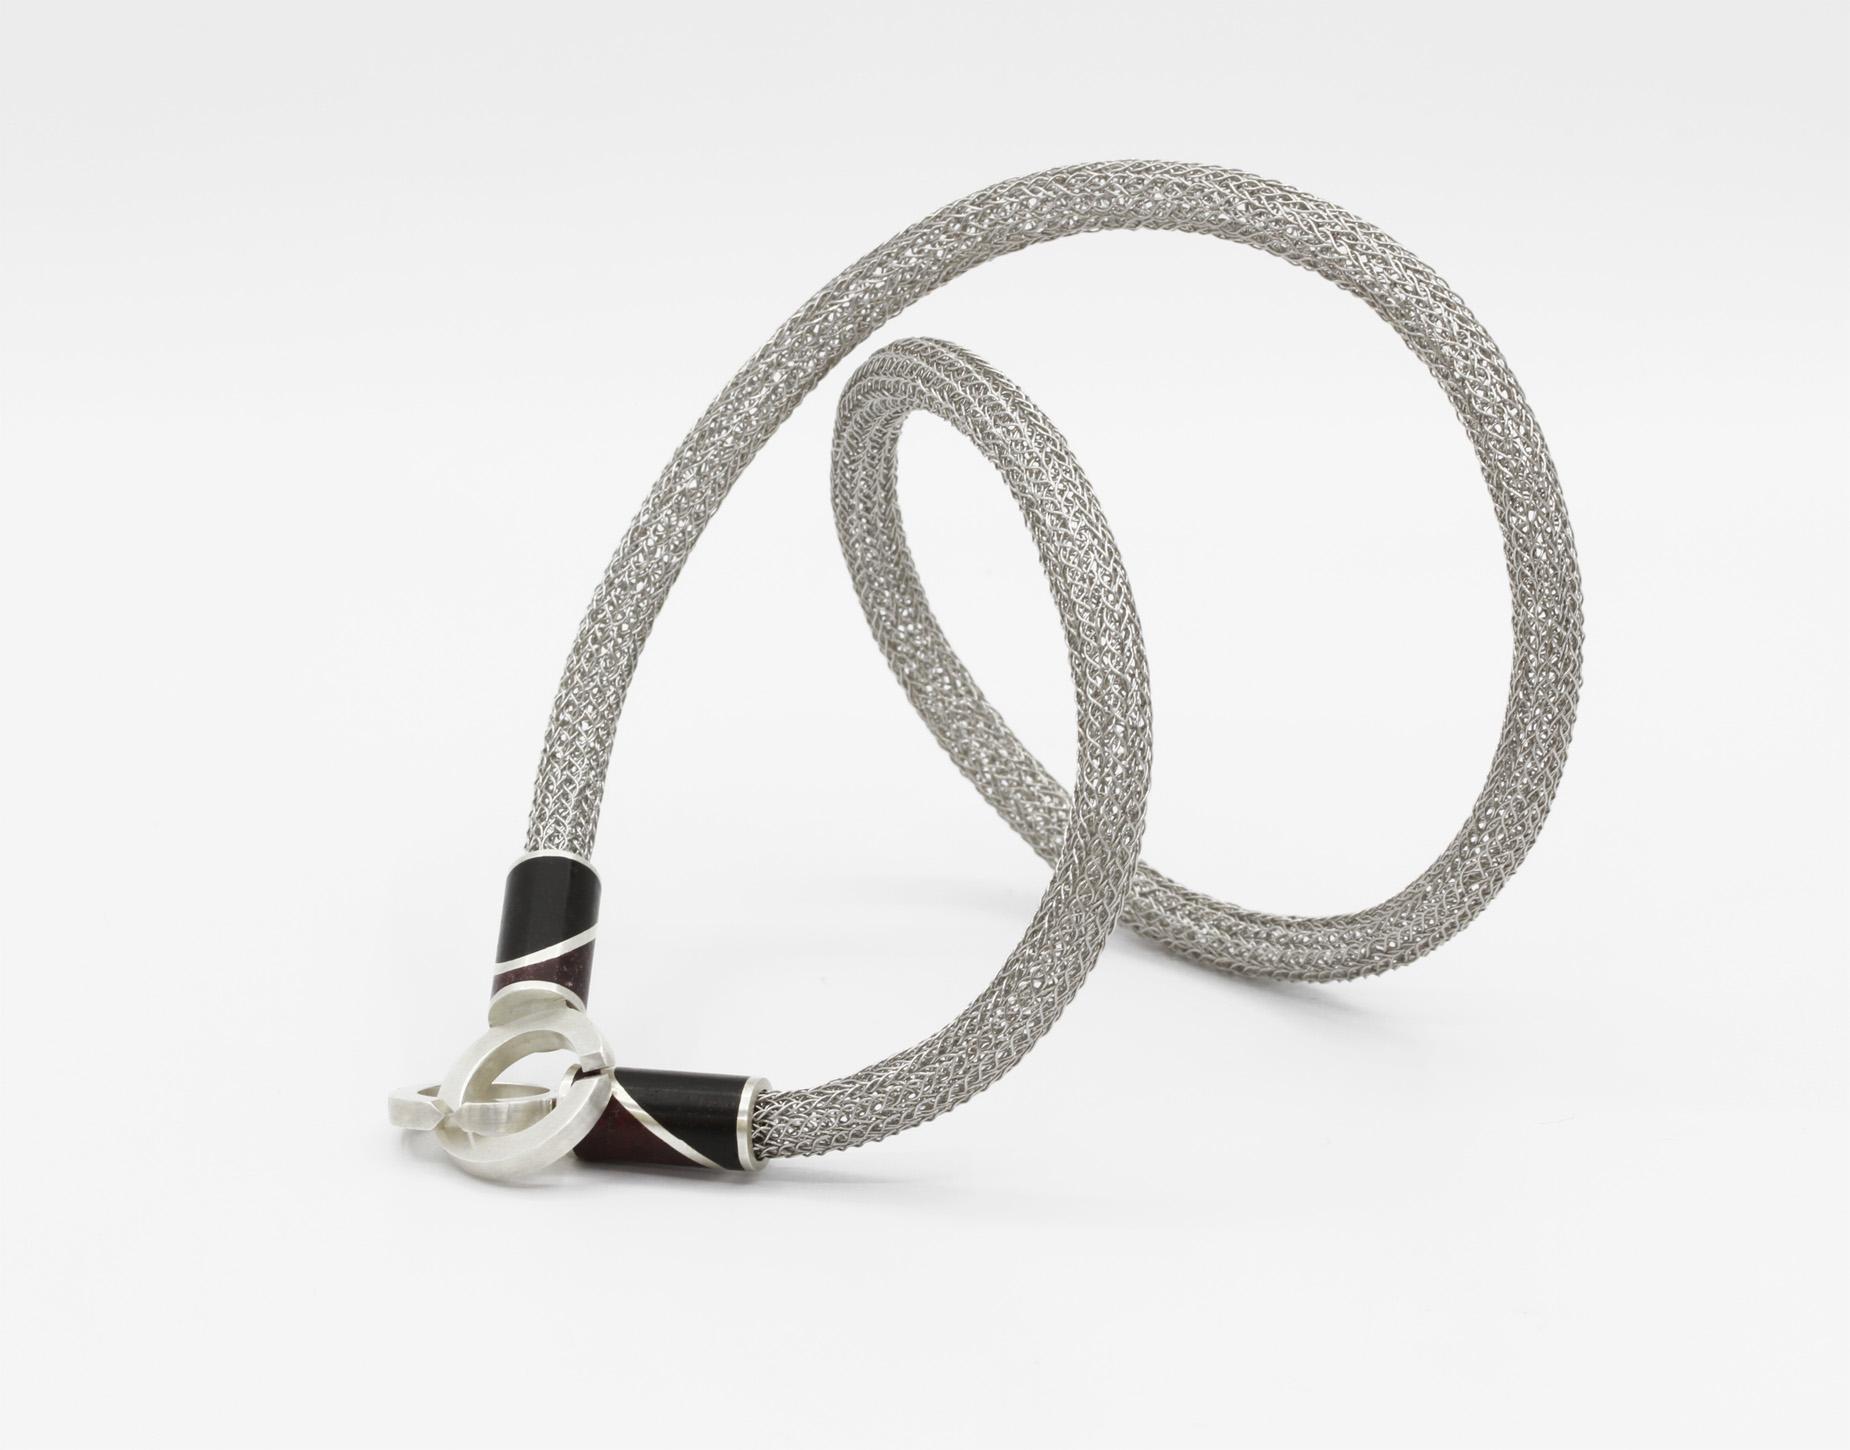 Hand Woven Viking Chain